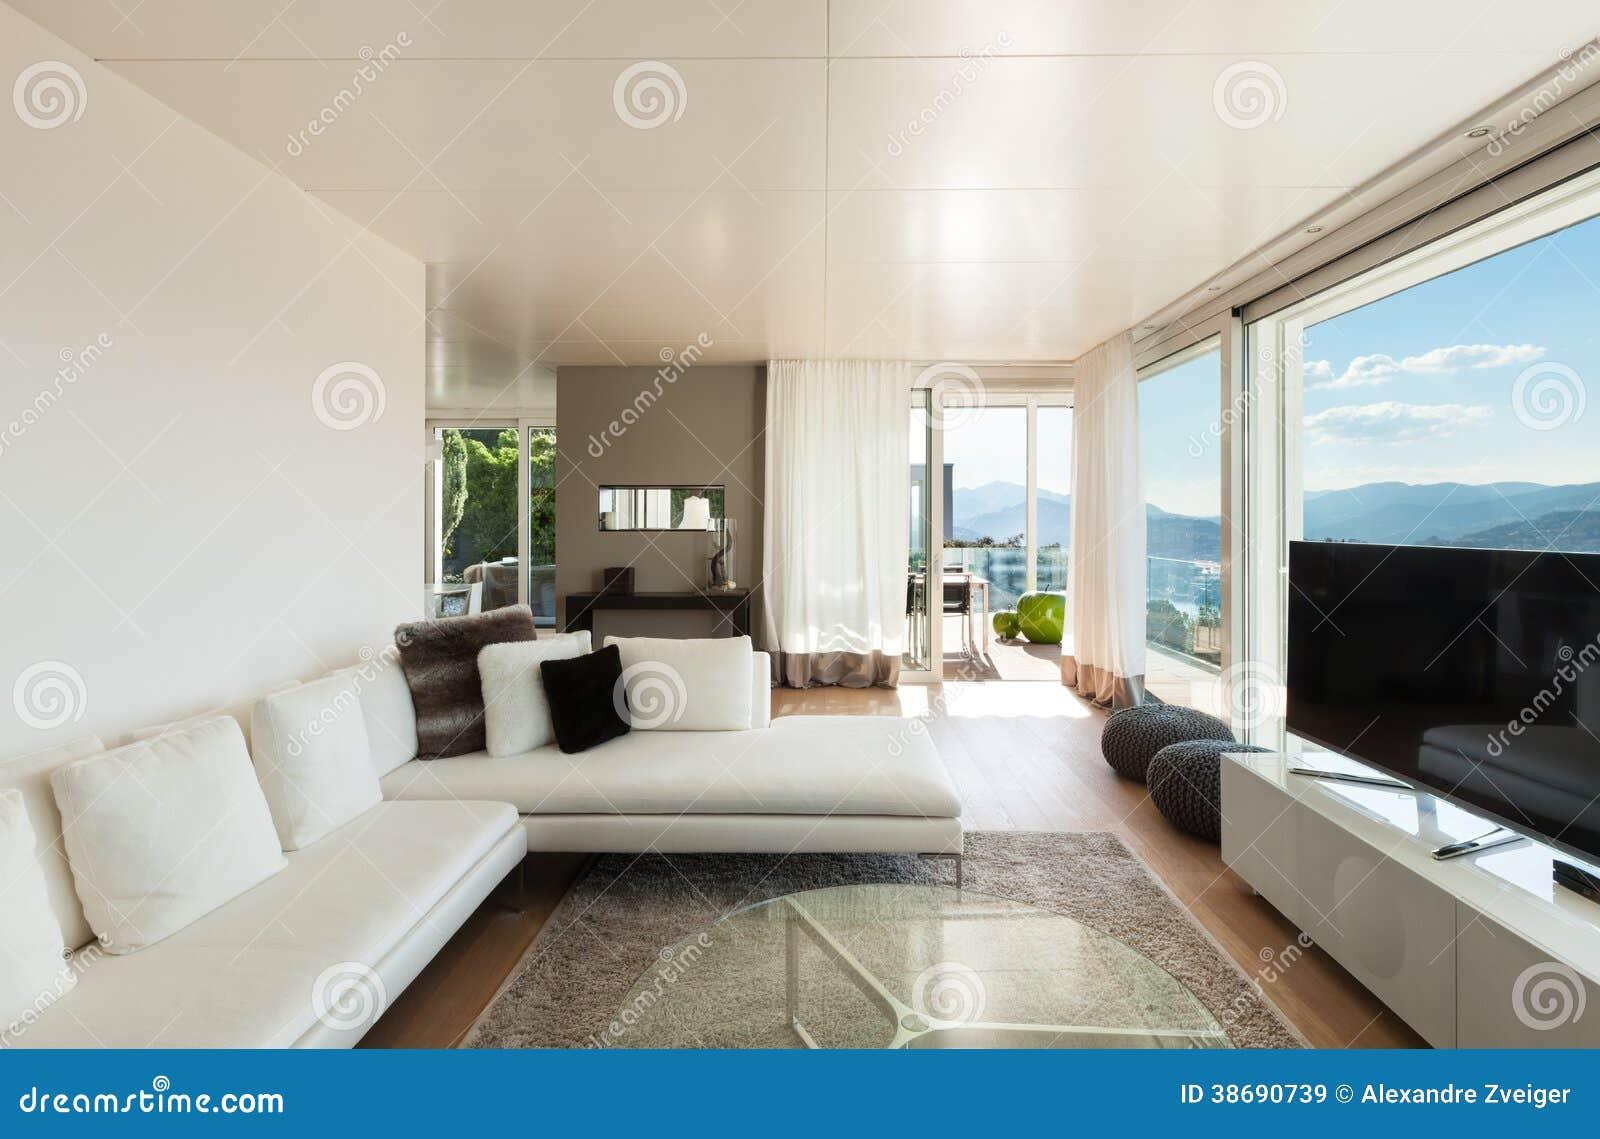 Interiores de uma casa moderna imagem de stock imagem de for Interni casa moderna foto